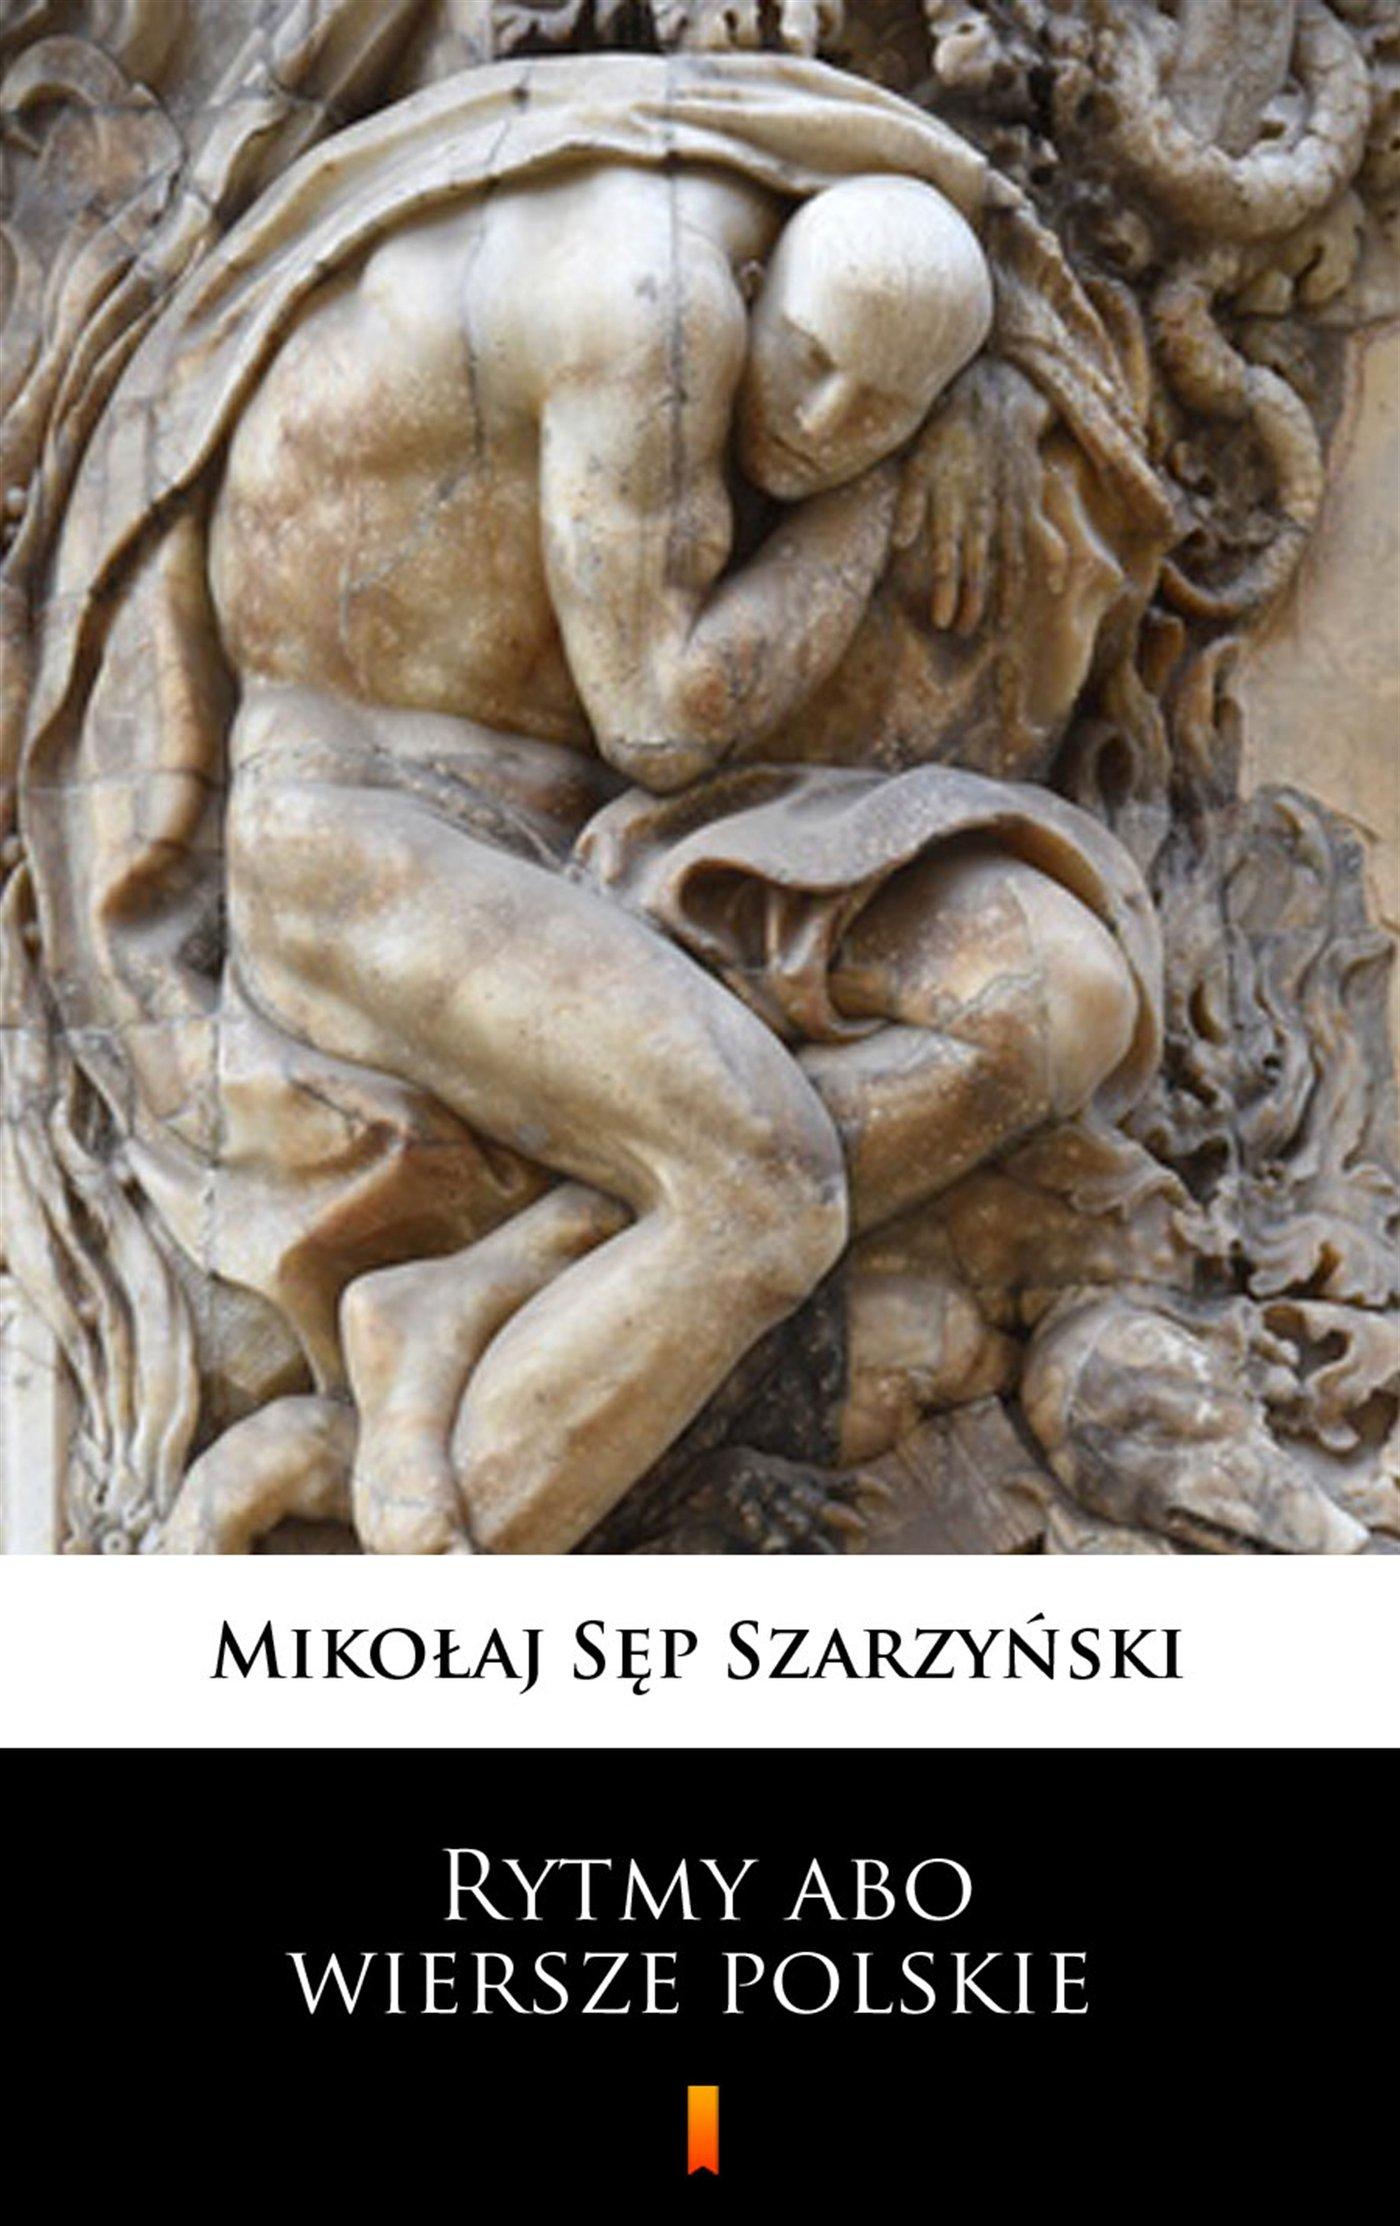 Rytmy abo wiersze polskie - Ebook (Książka EPUB) do pobrania w formacie EPUB